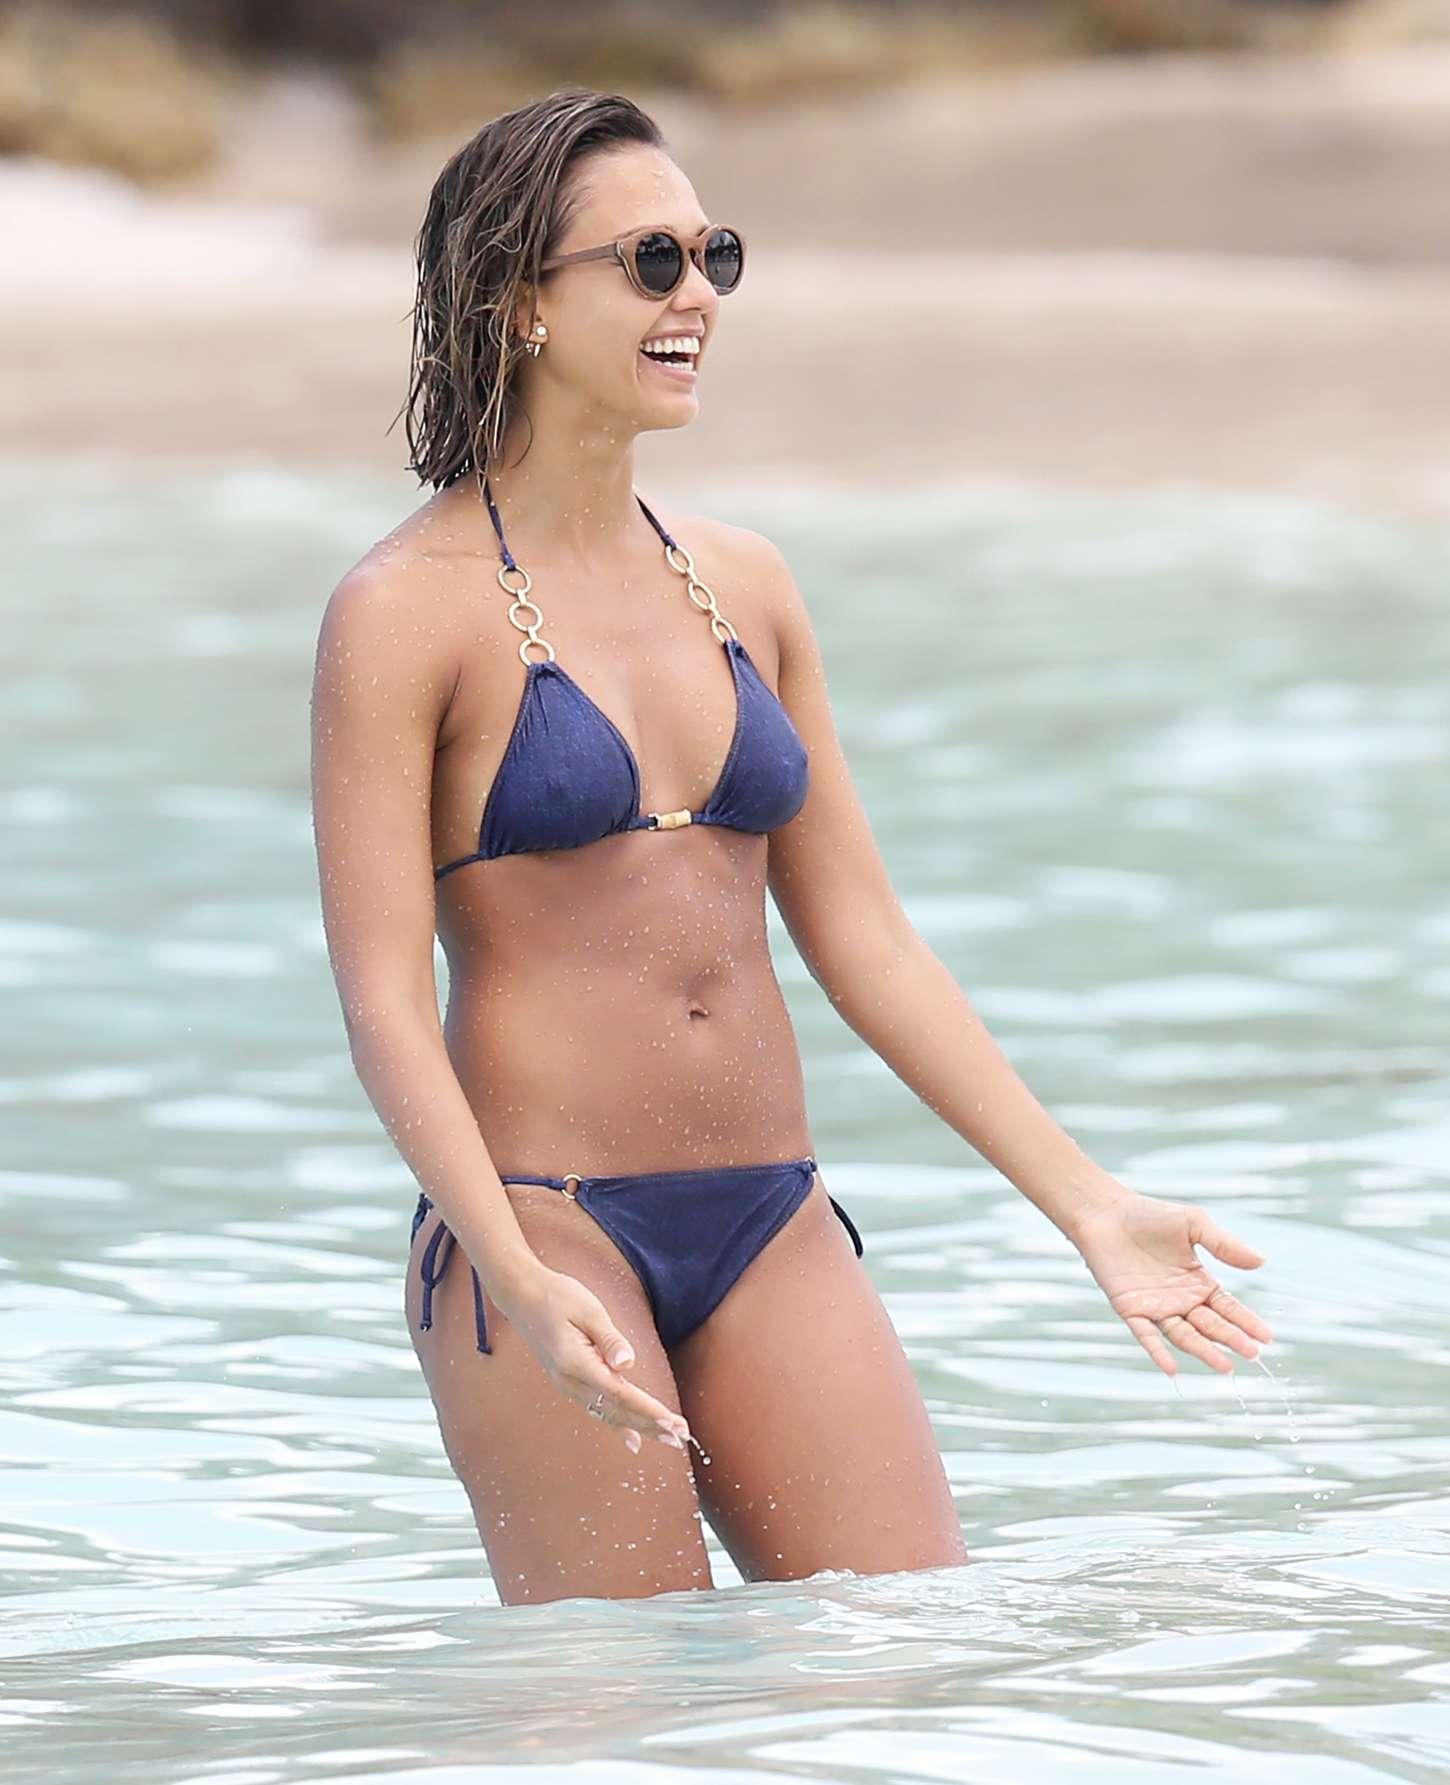 Bikini Indianara Carvalho nudes (87 photos), Sexy, Leaked, Instagram, panties 2015